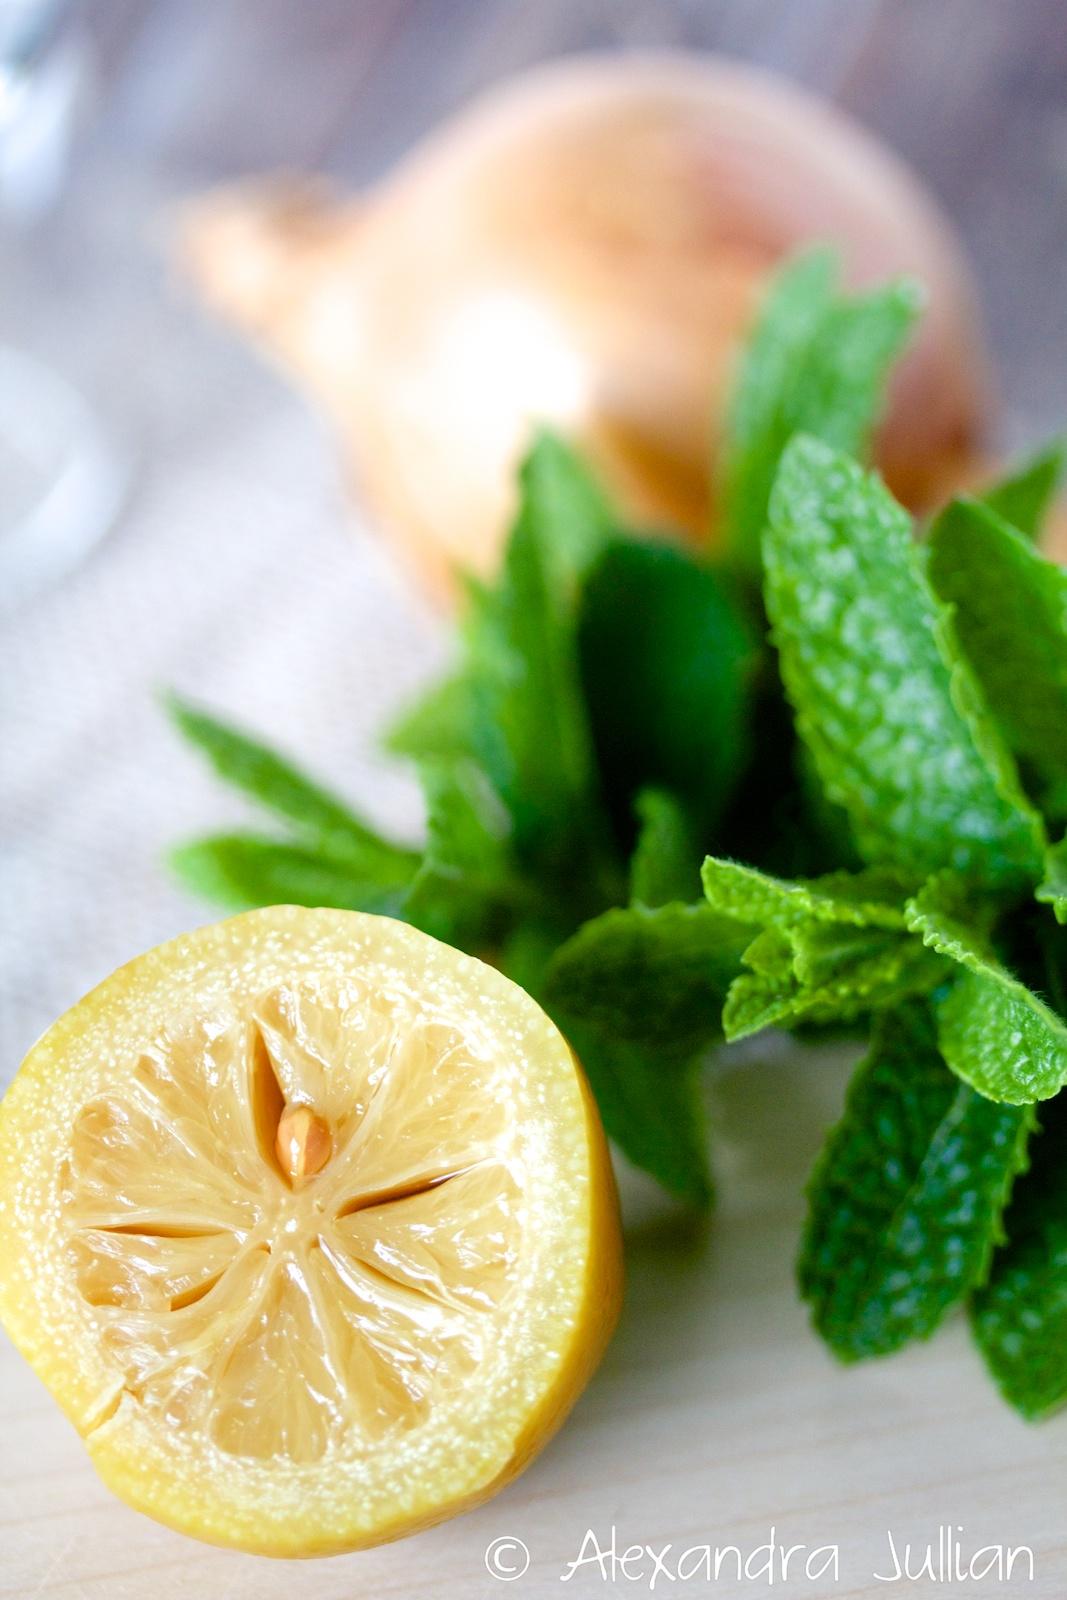 Salade fraîche de poix chiches à la menthe et au citron confit